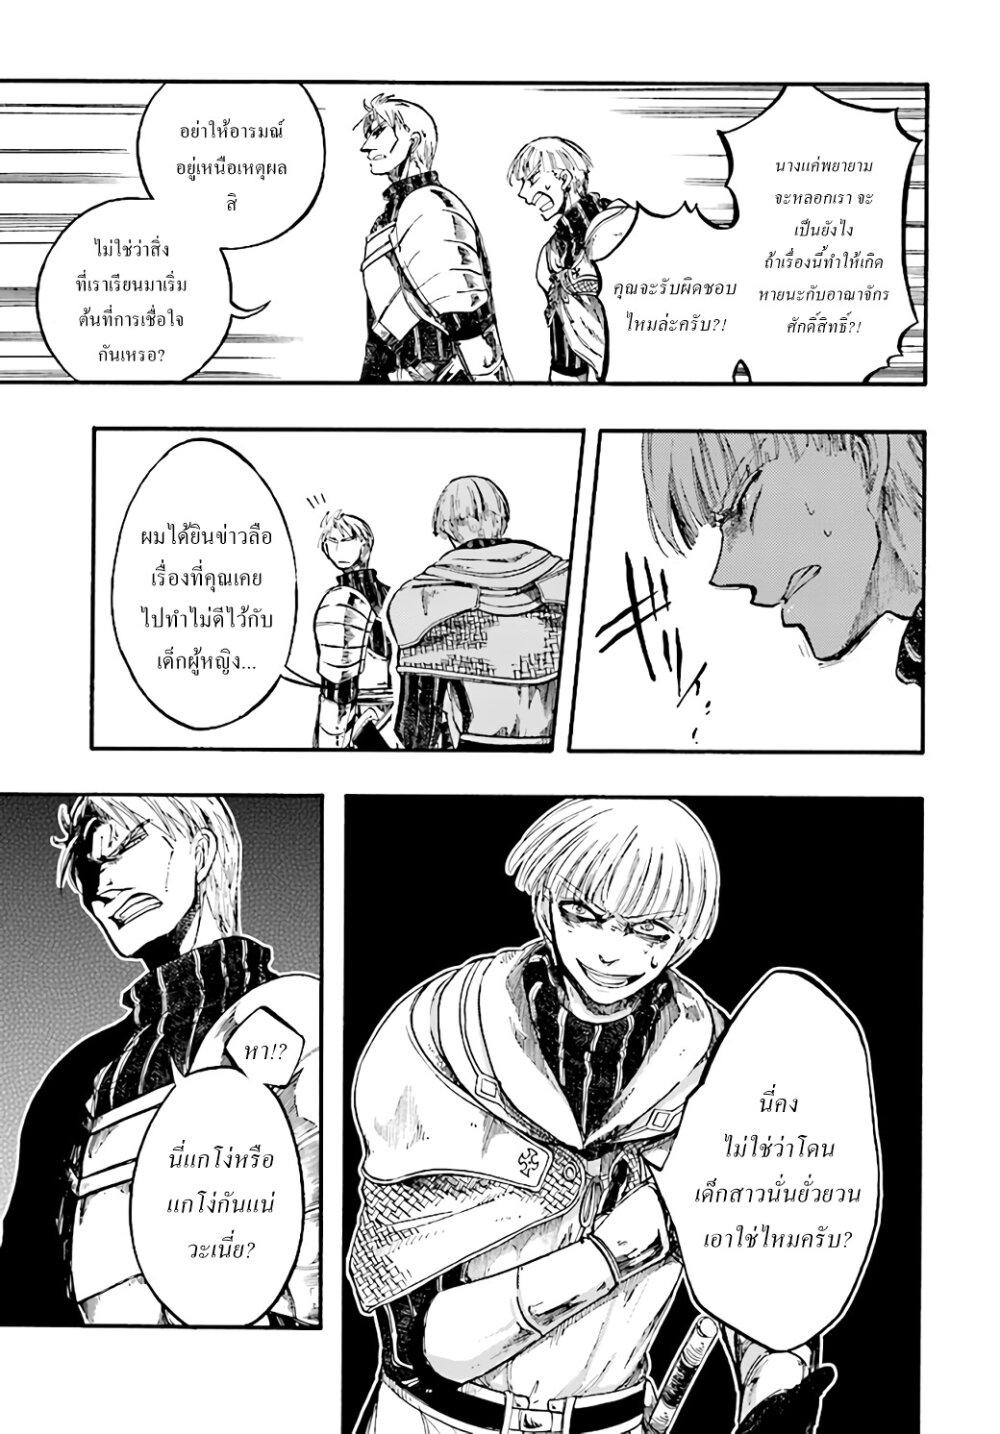 อ่านการ์ตูน Isekai Apocalypse MYNOGHRA ~The Conquest of the World Starts With the Civilization of Ruin~ ตอนที่ 7 หน้าที่ 15